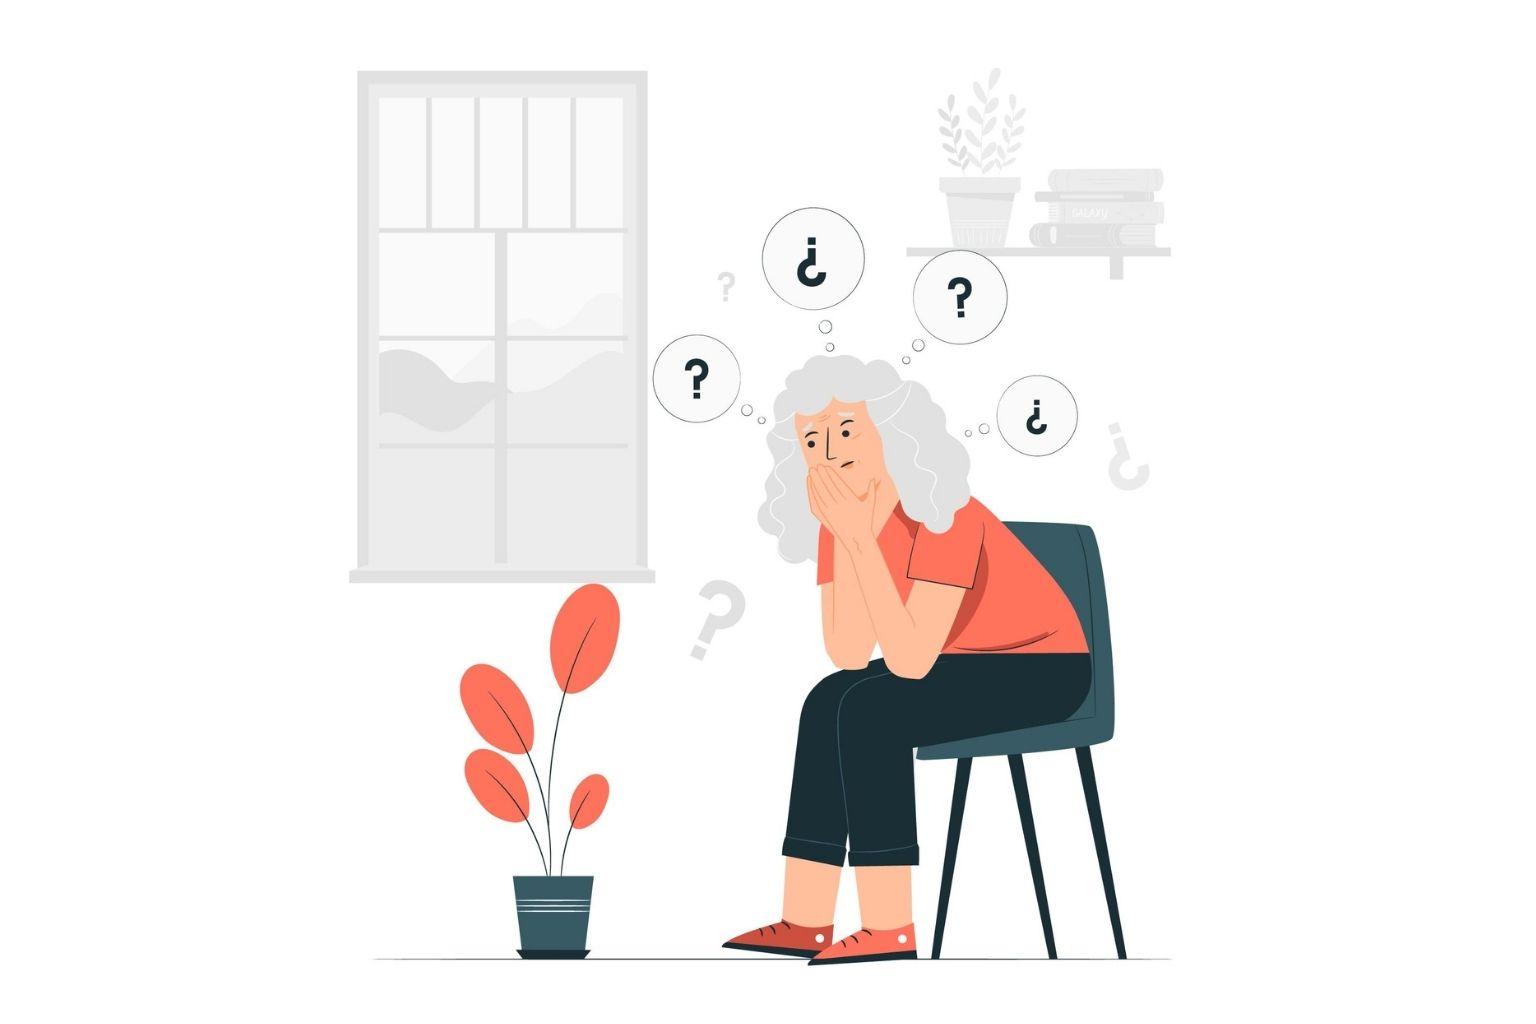 periodo-afastado-do-trabalho-conta-para-a-aposentadoria-aposerv